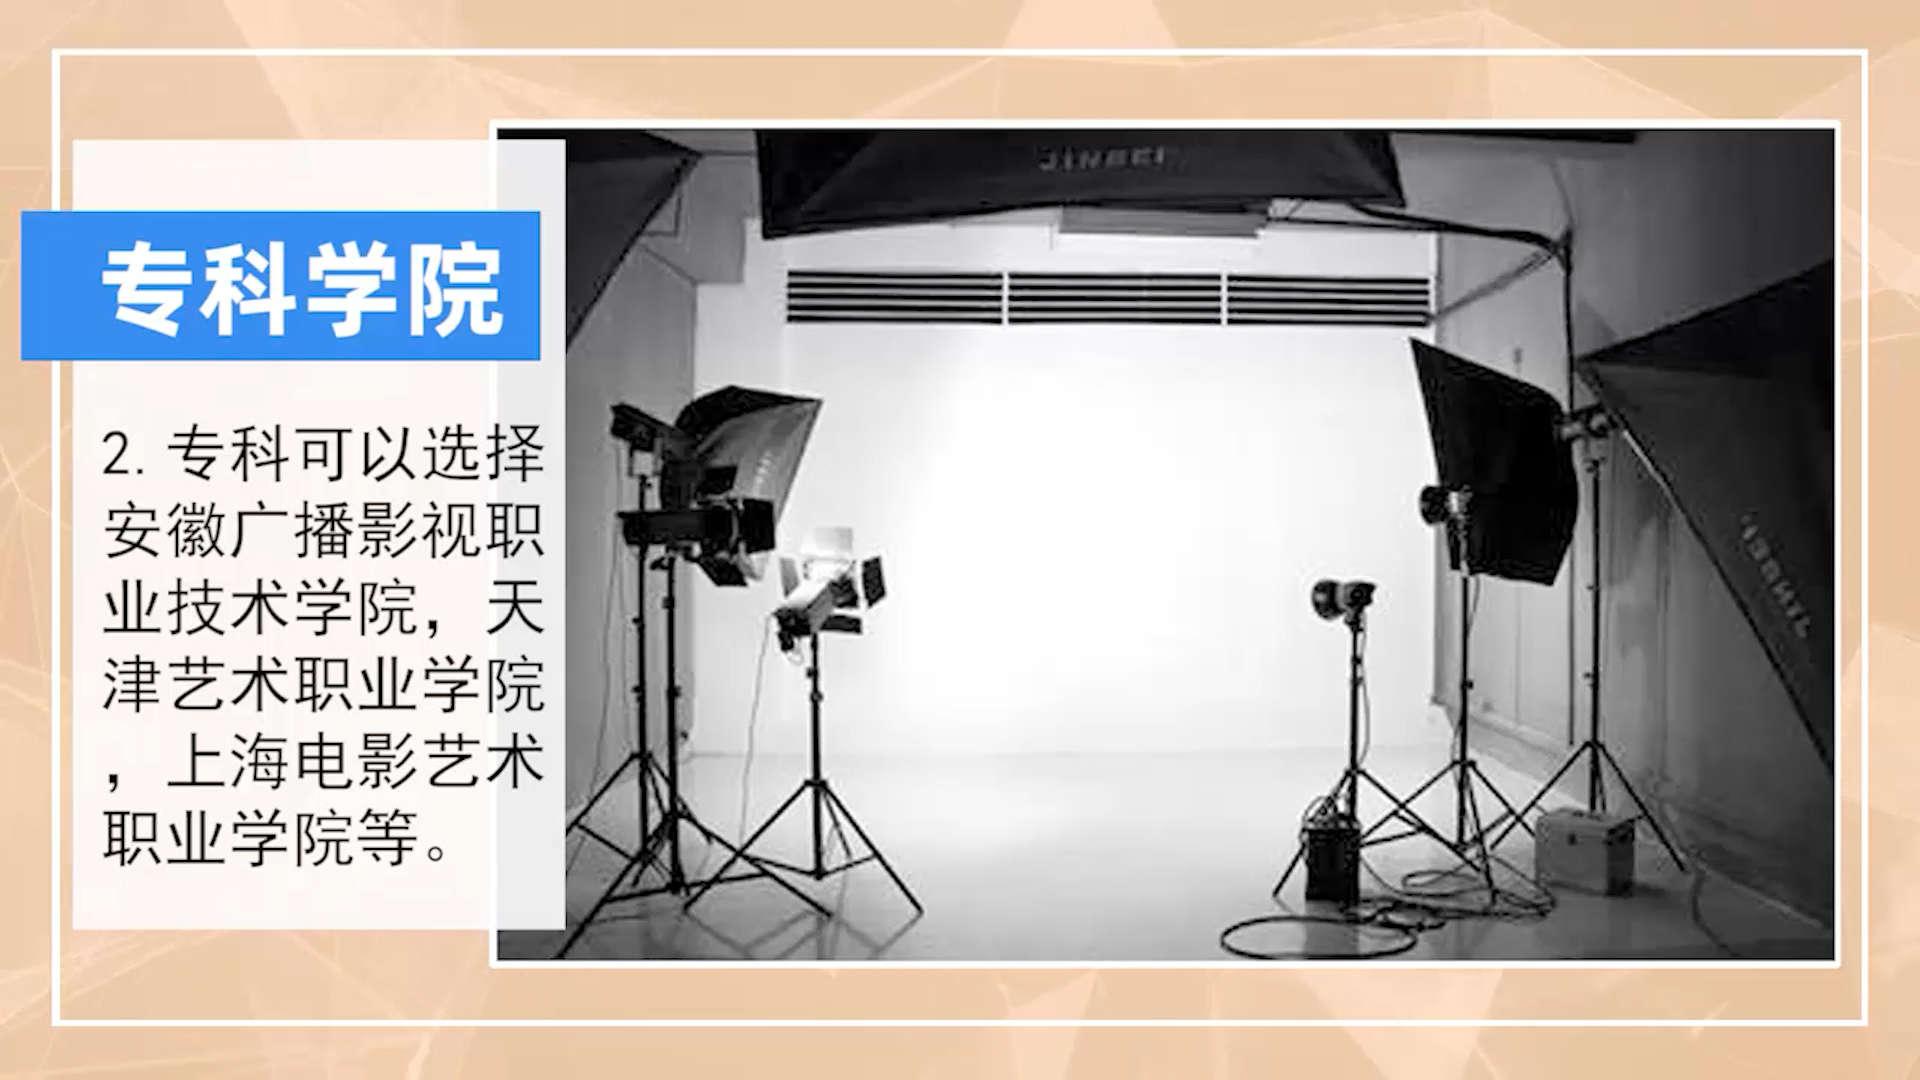 摄影专业学校有哪些第2步